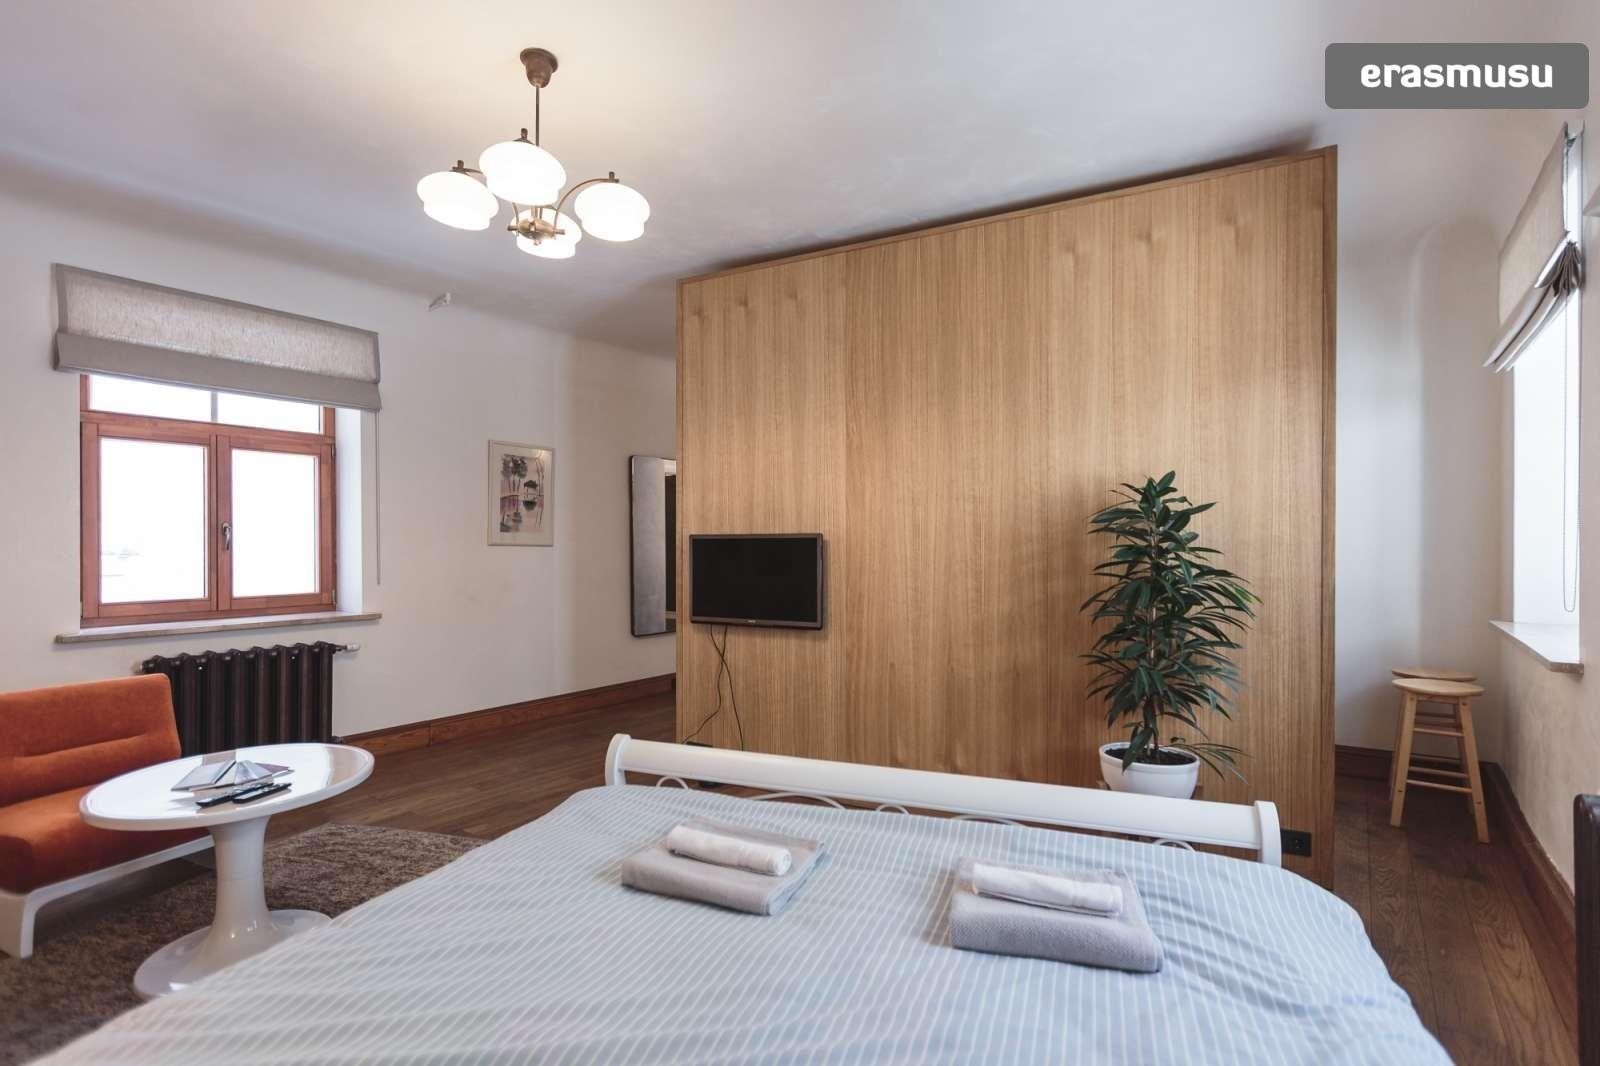 stylish-studio-apartment-rent-vecriga-4cbaa34b44a1760a4f5fc7099d